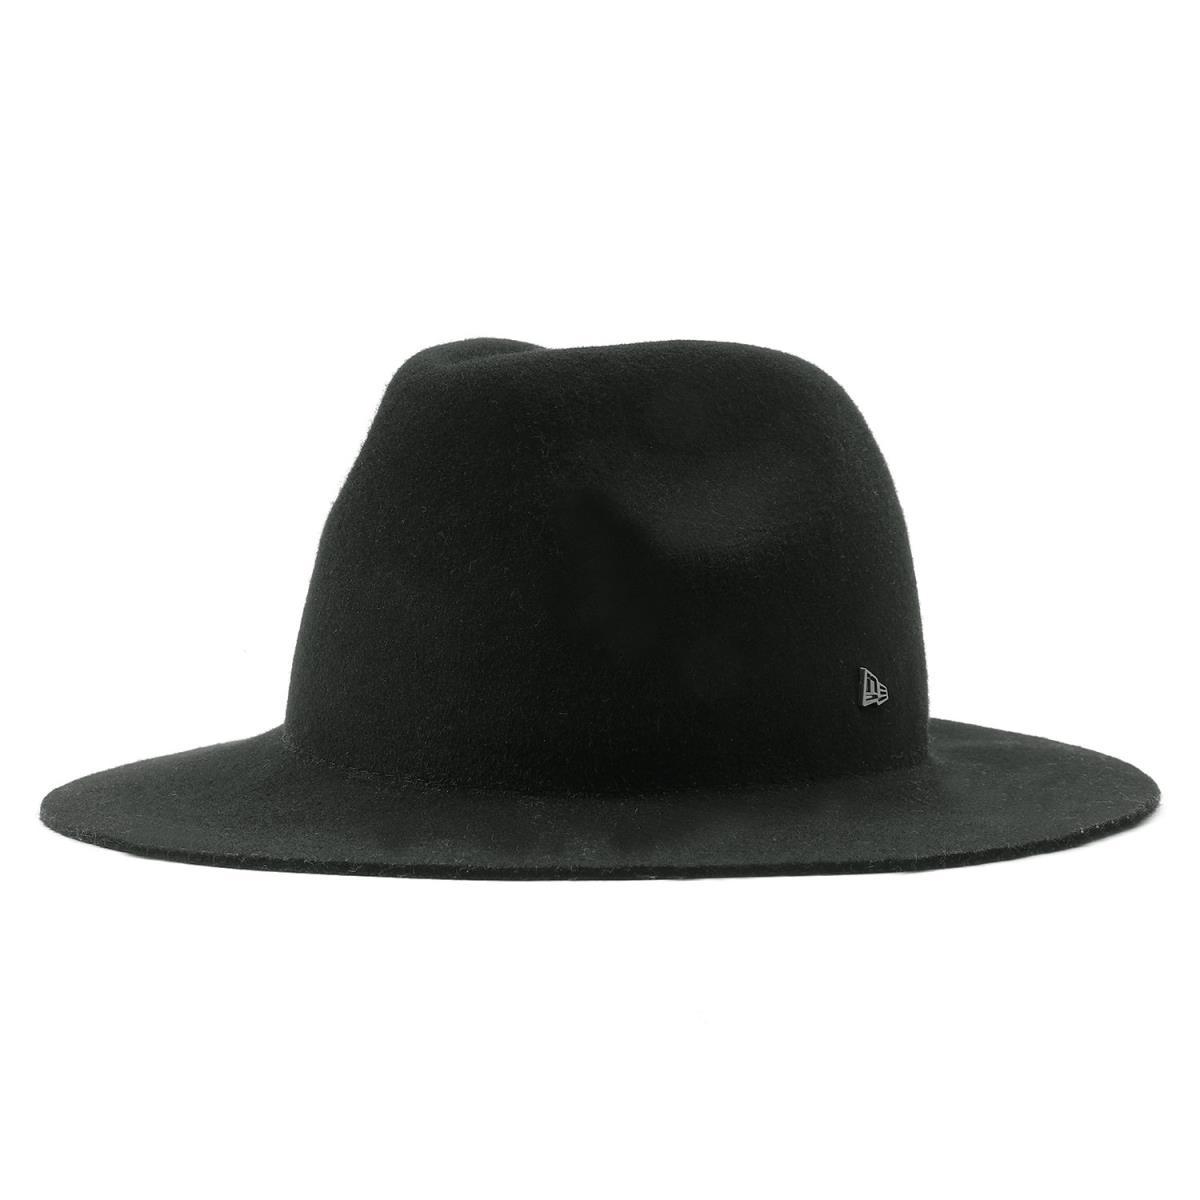 NEW ERA (new gills) 16A/W Y ditch rim wool felt hat black M